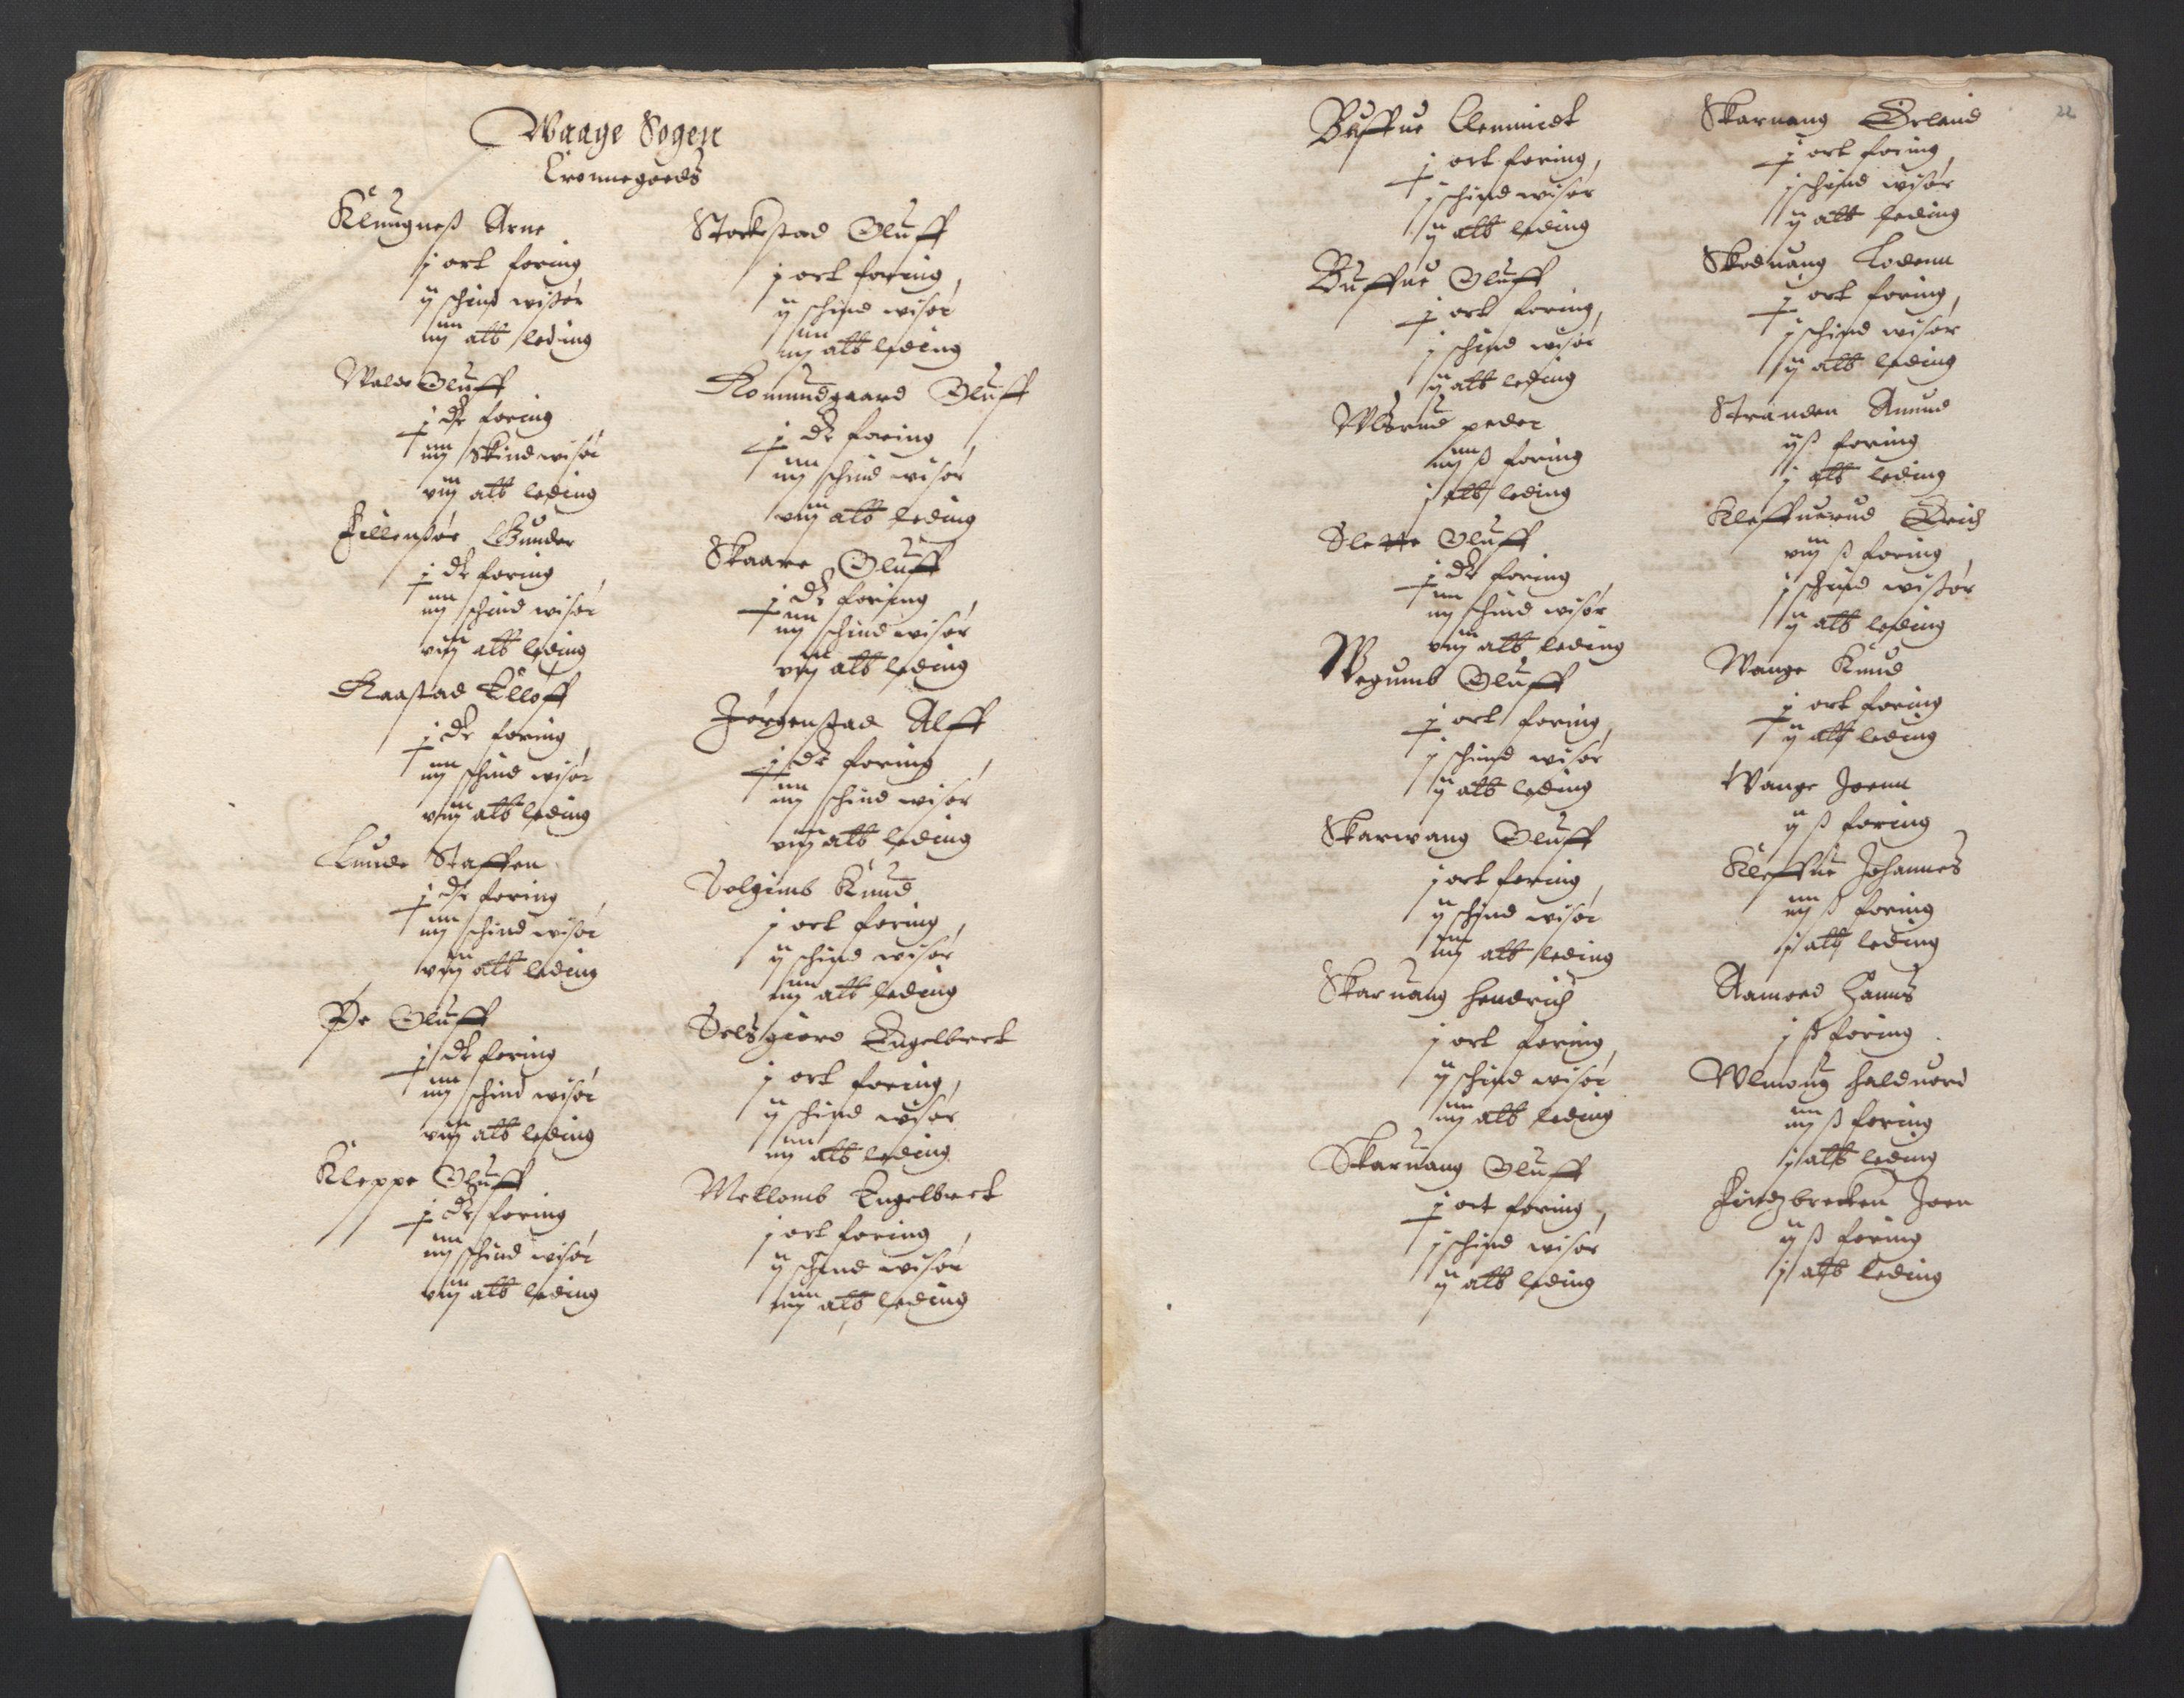 RA, Stattholderembetet 1572-1771, Ek/L0001: Jordebøker før 1624 og til utligning av garnisonsskatt 1624-1626:, 1624-1625, s. 24